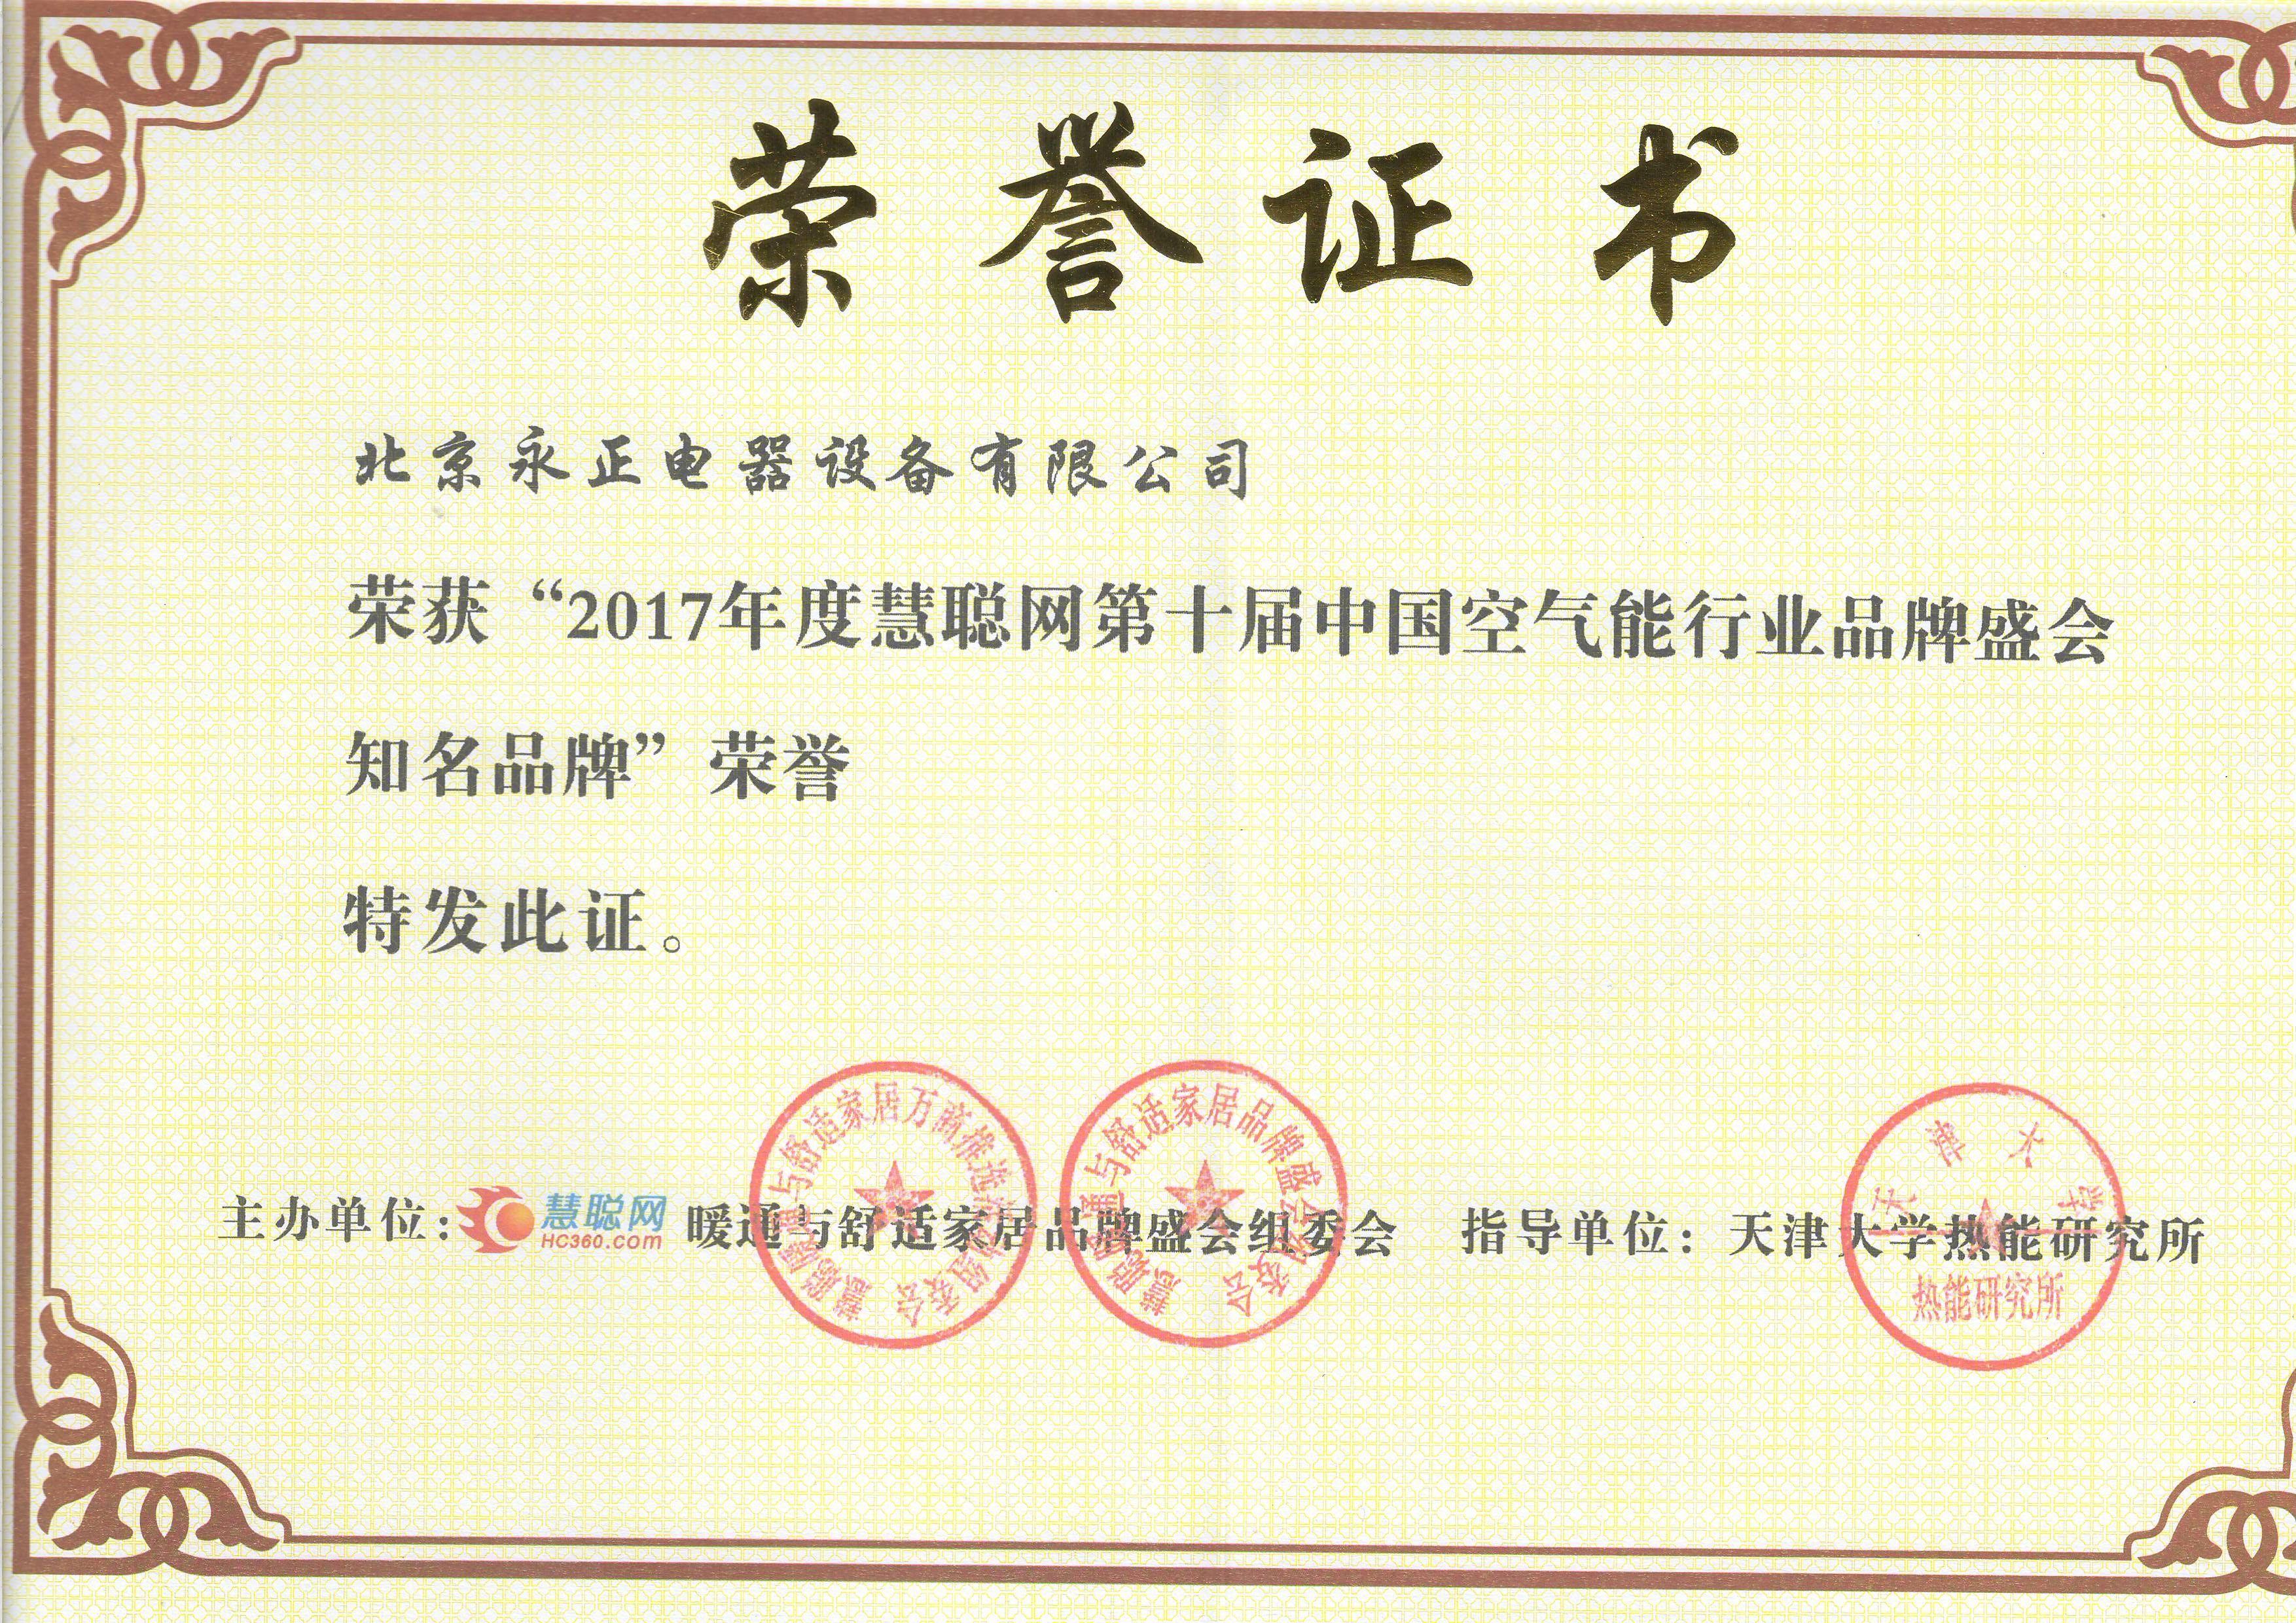 """荣获""""2017年度慧聪网第十届中国空气能行业品牌盛会知名品牌""""荣誉证书"""